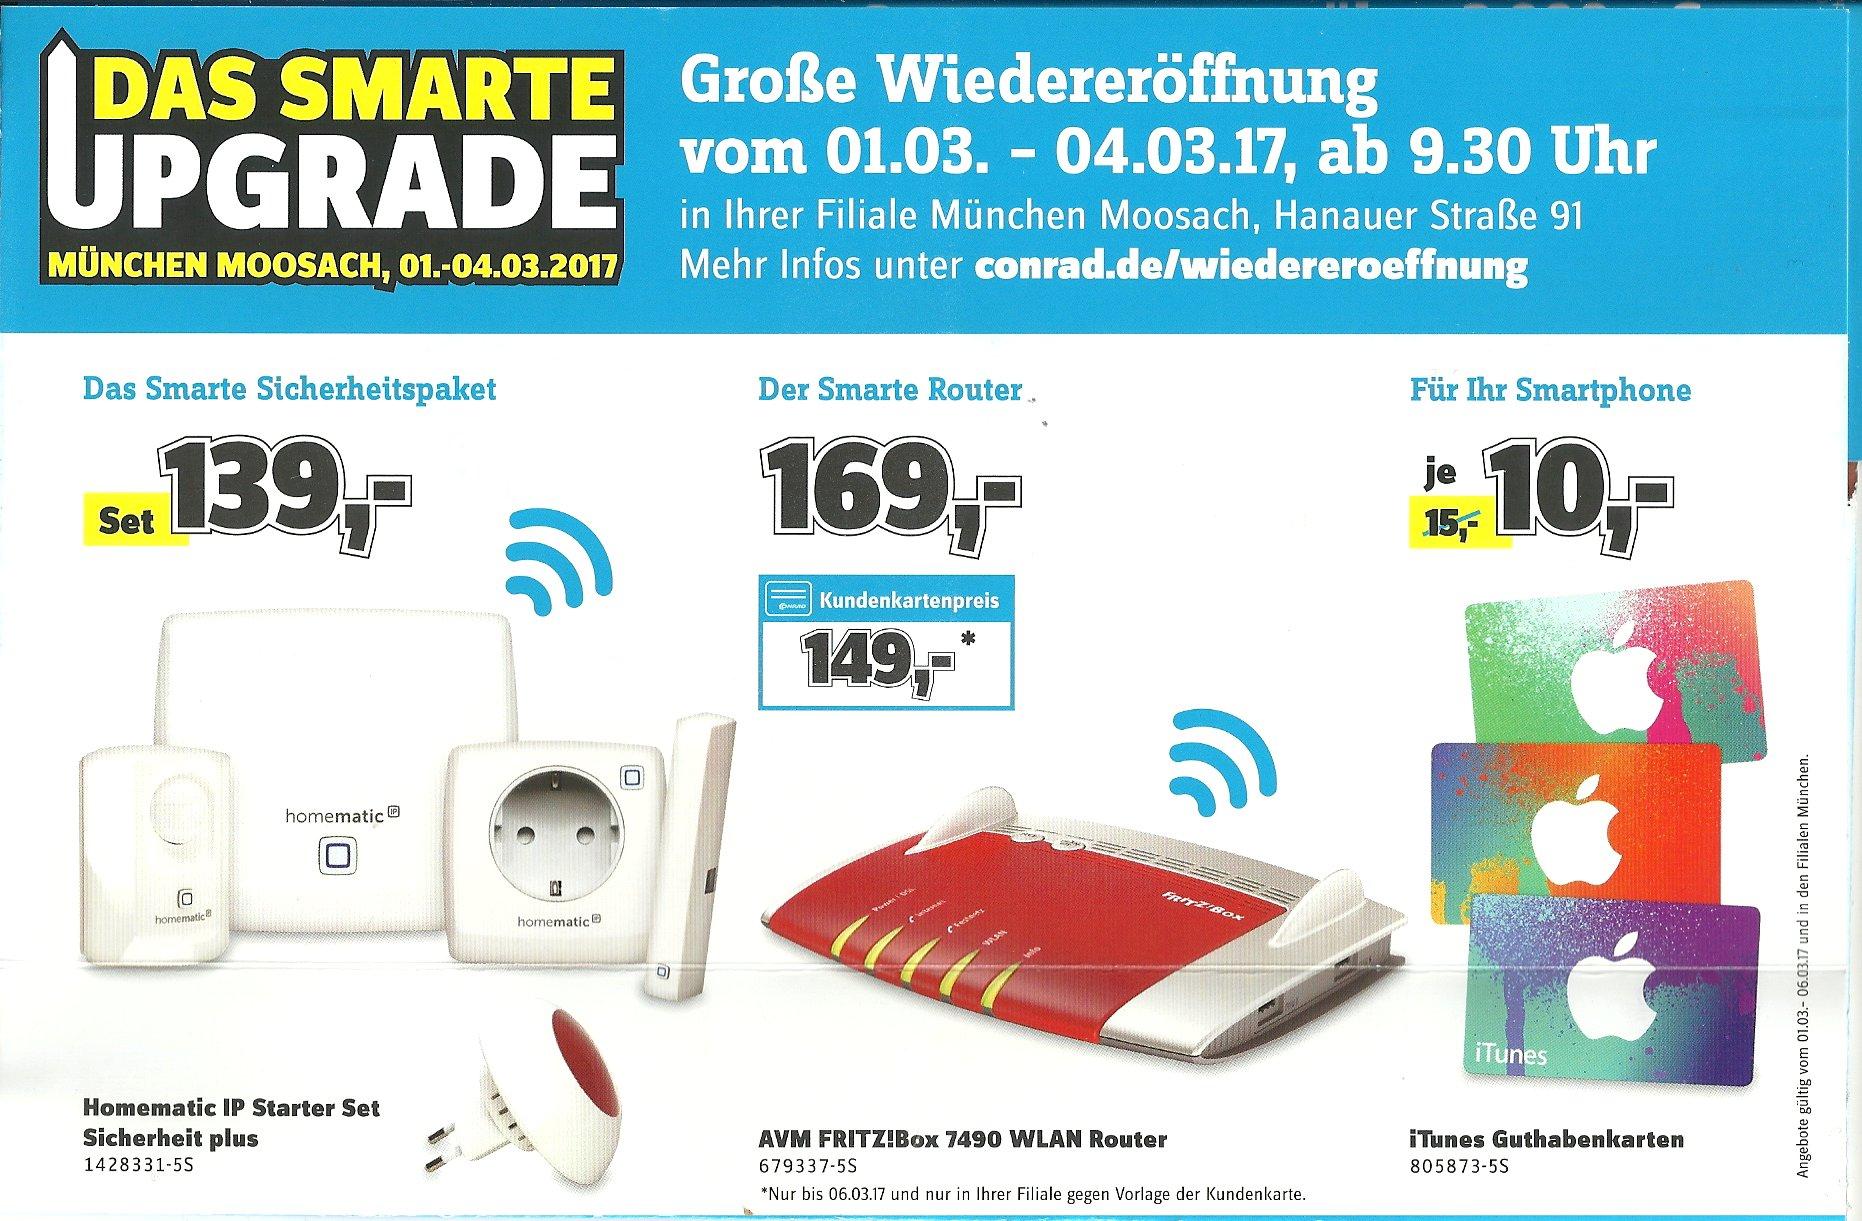 [Lokal München Moosach] 01. bis 04. März: Fritzbox 7490 für 169 (mit Kundenkarte: 149) EUR; Homematic IP Starter Set Sicherheit plus für 139 EUR;15 EUR iTunes-Guthaben für 10 EUR